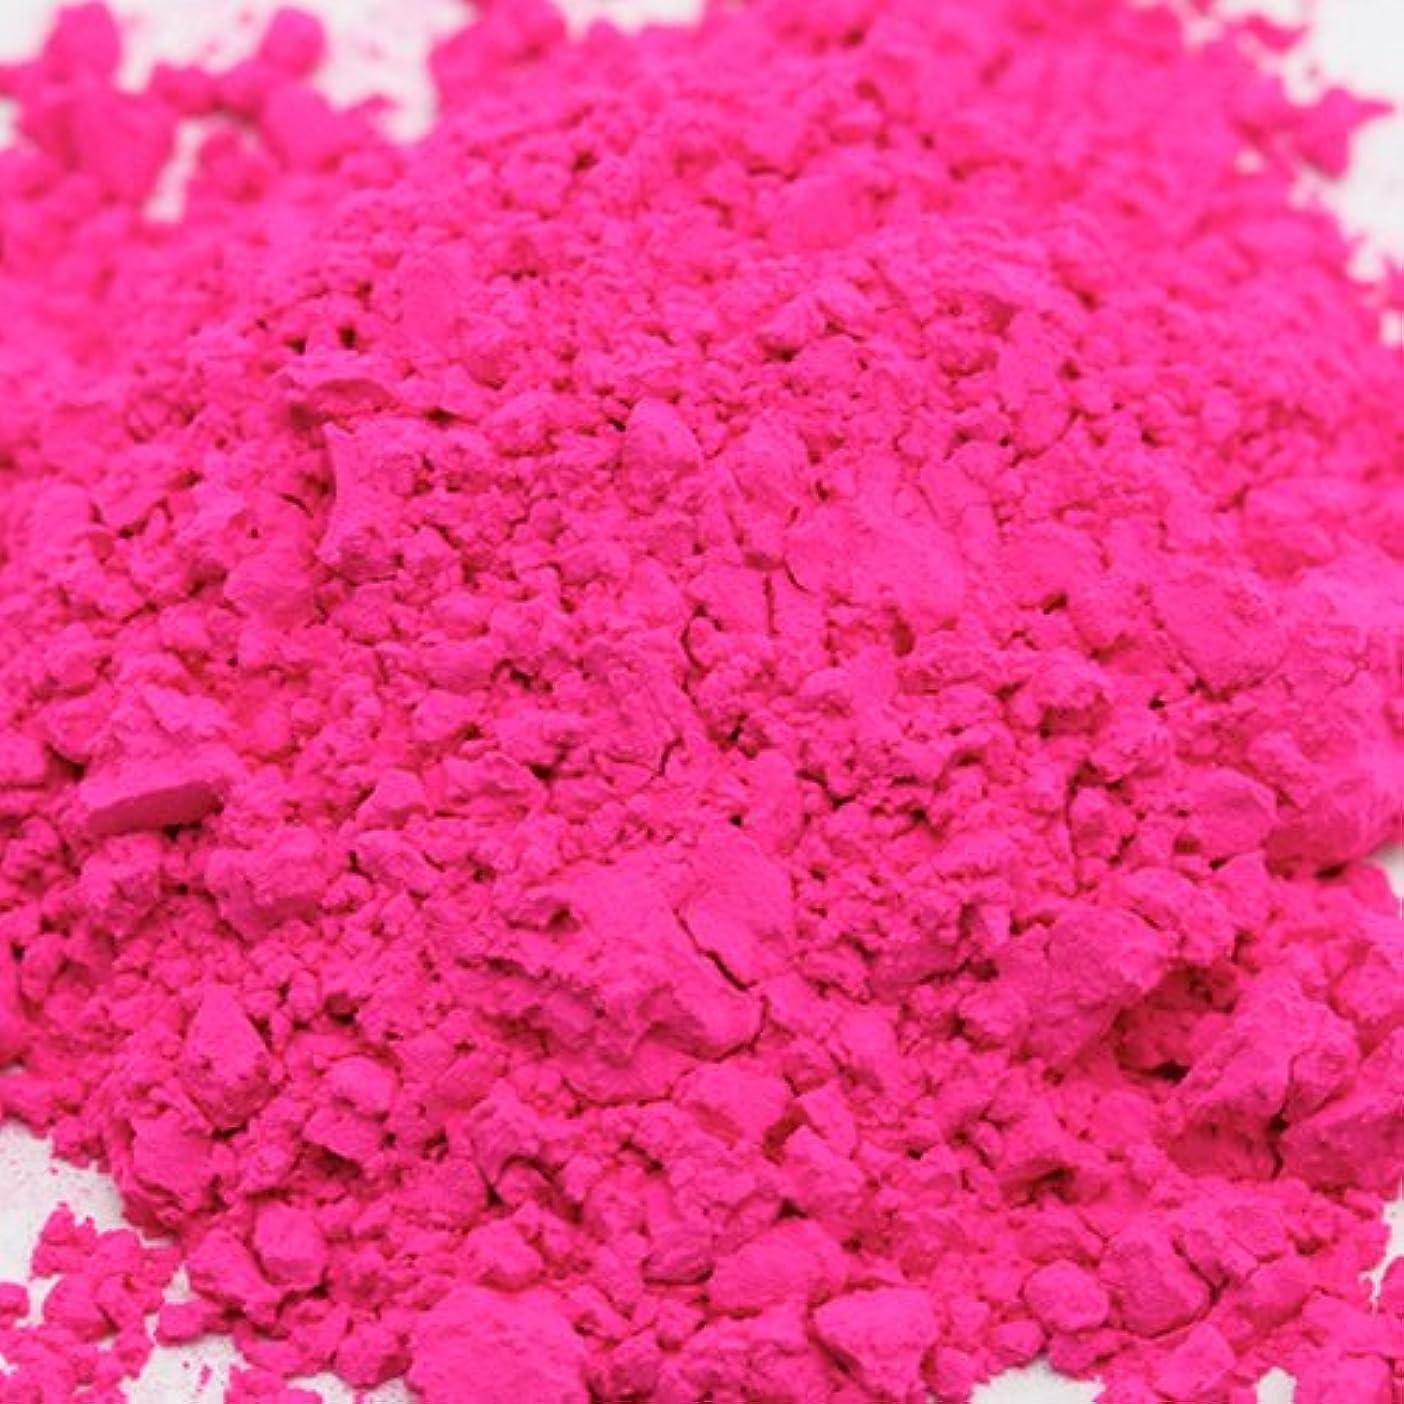 デモンストレーション絶望的な直立キャンディカラー ピンク 20g 【手作り石鹸/手作りコスメ/色付け/カラーラント】